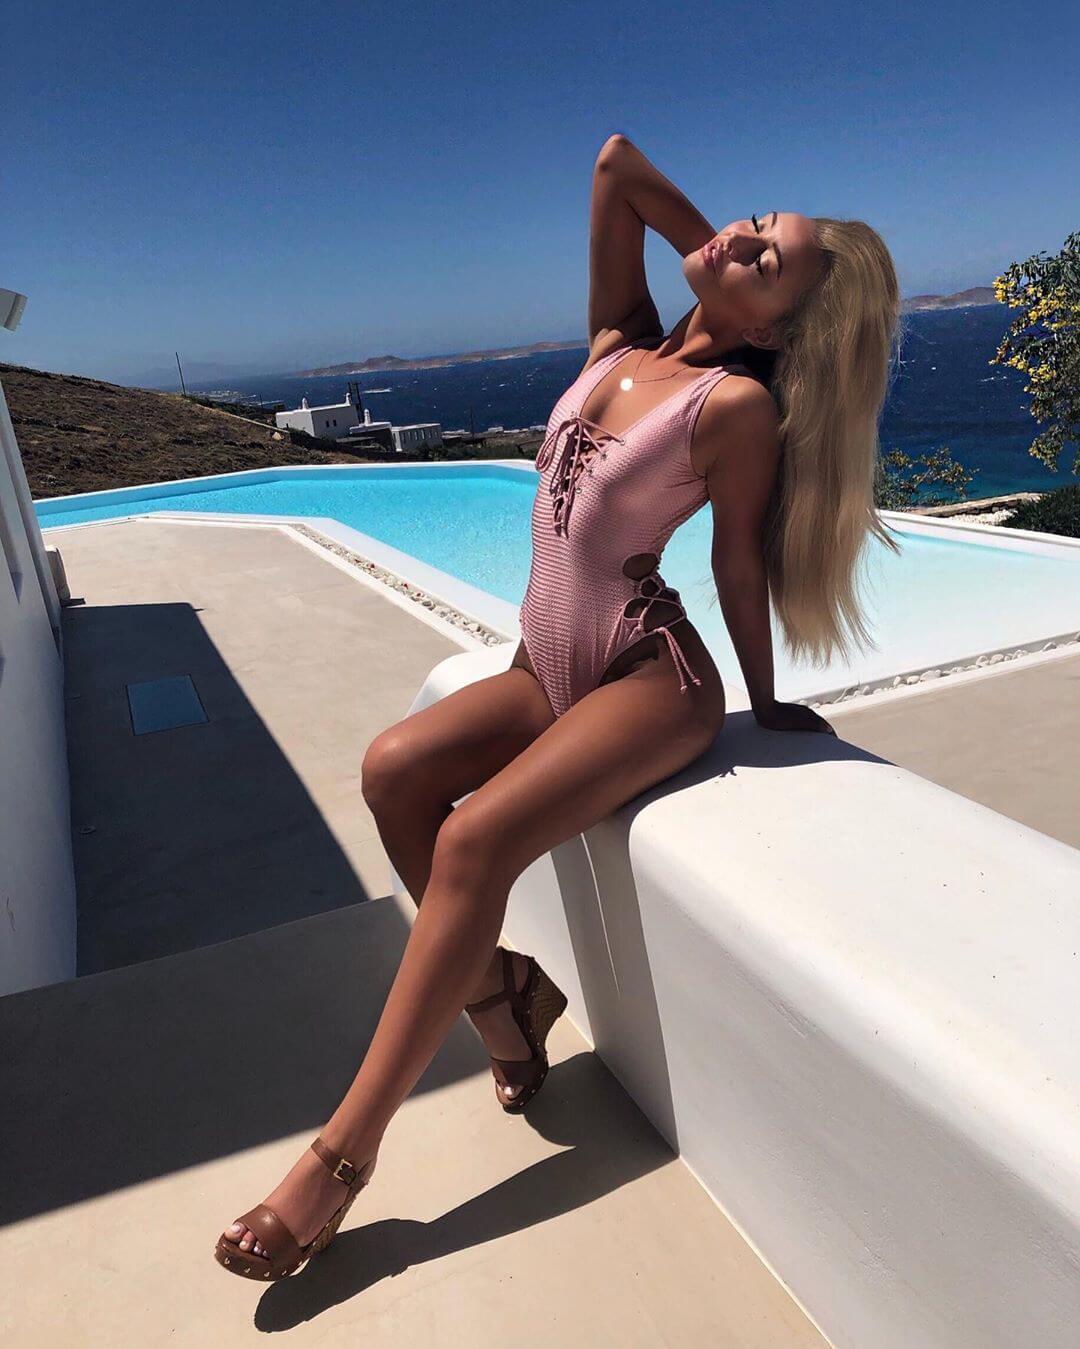 Harley Brash hot lingerie pics